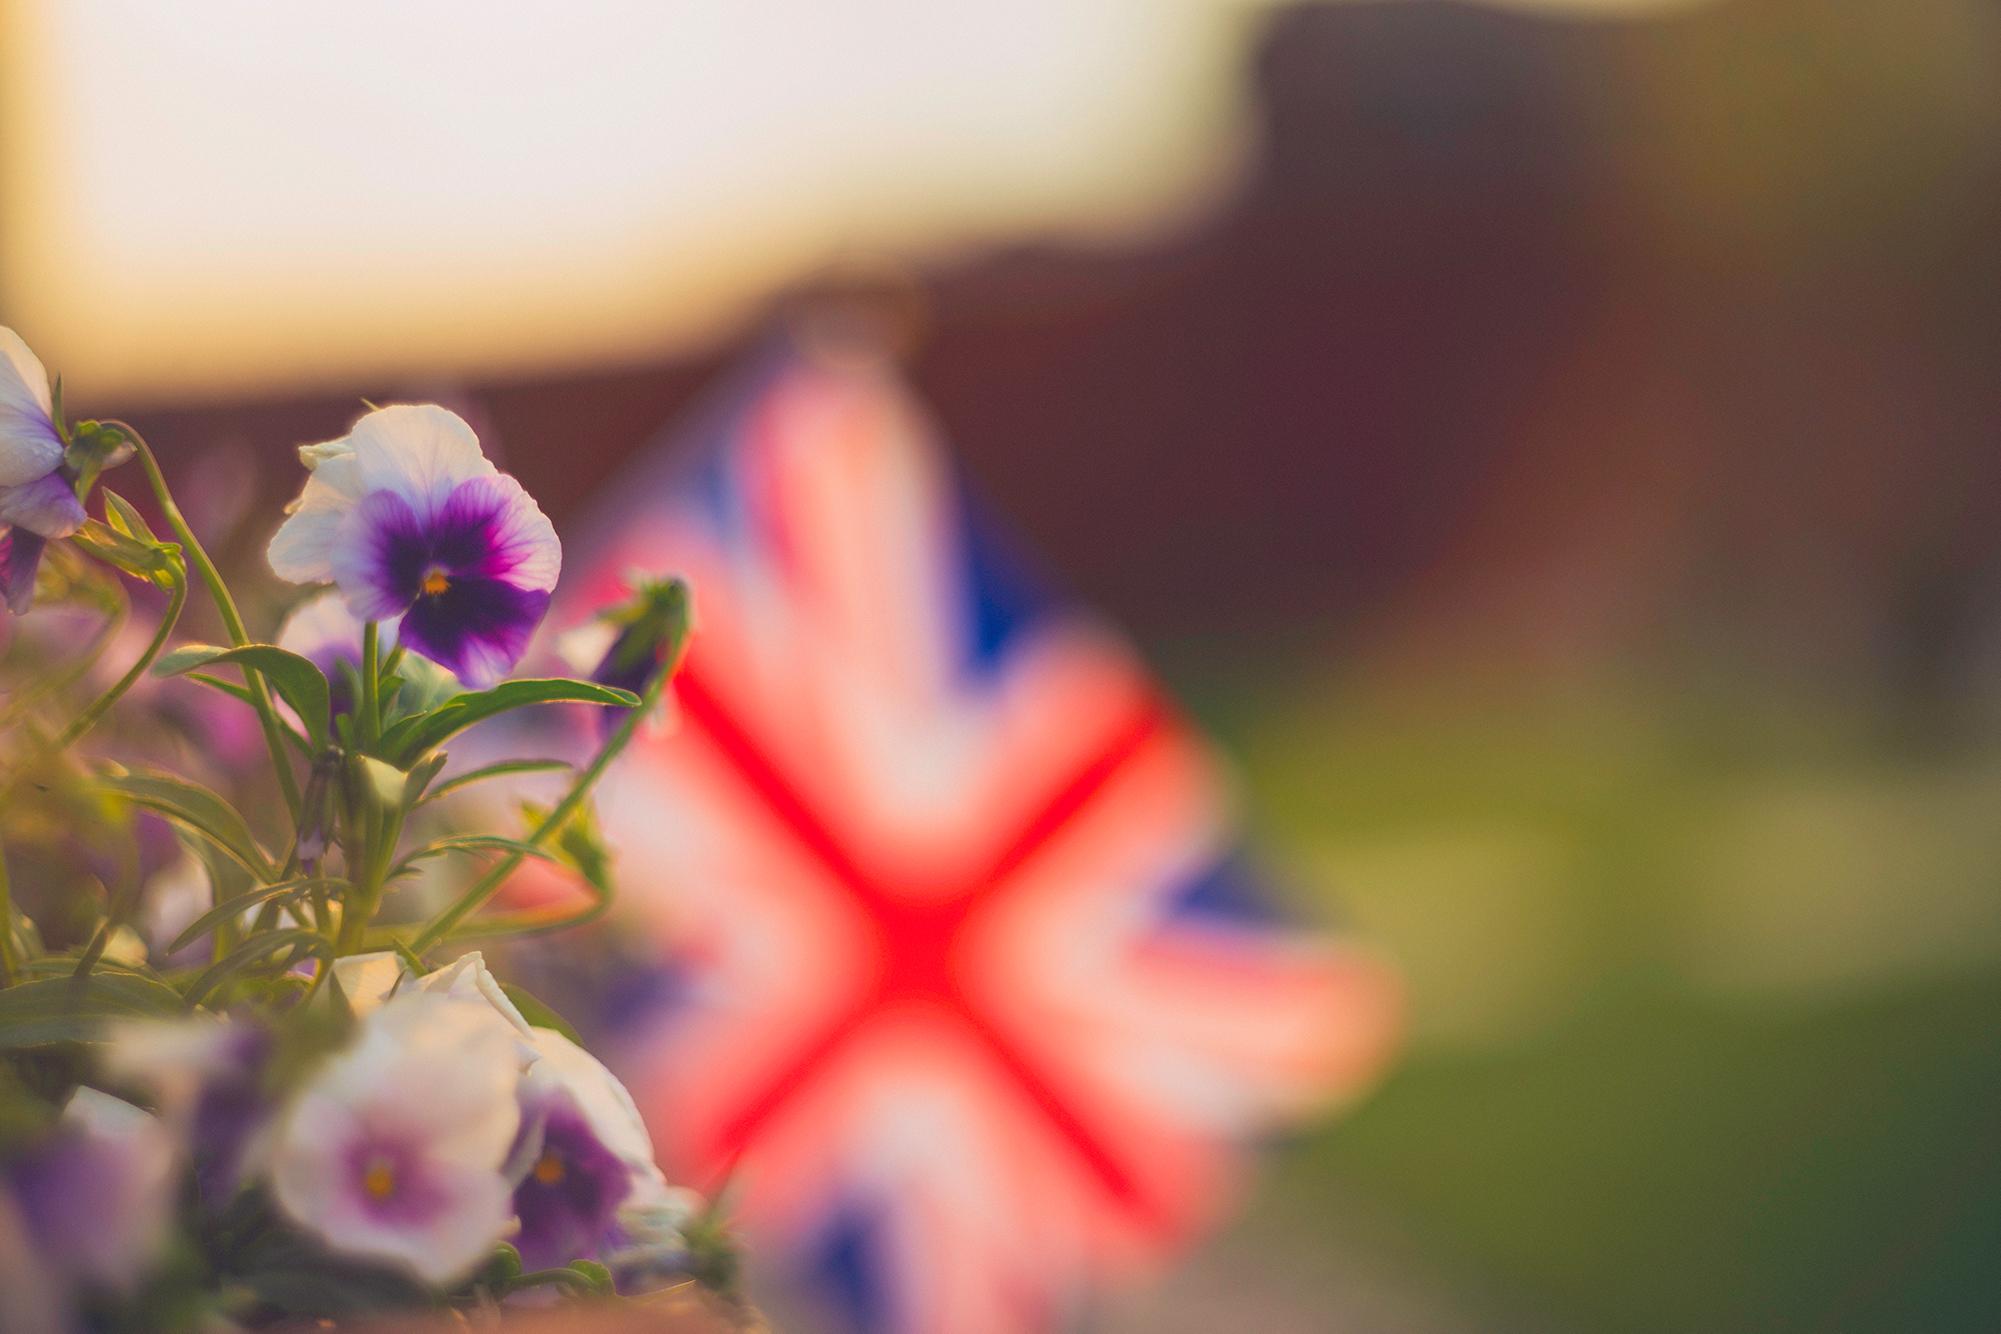 UK Flag Flowers iStock-844285220.jpg